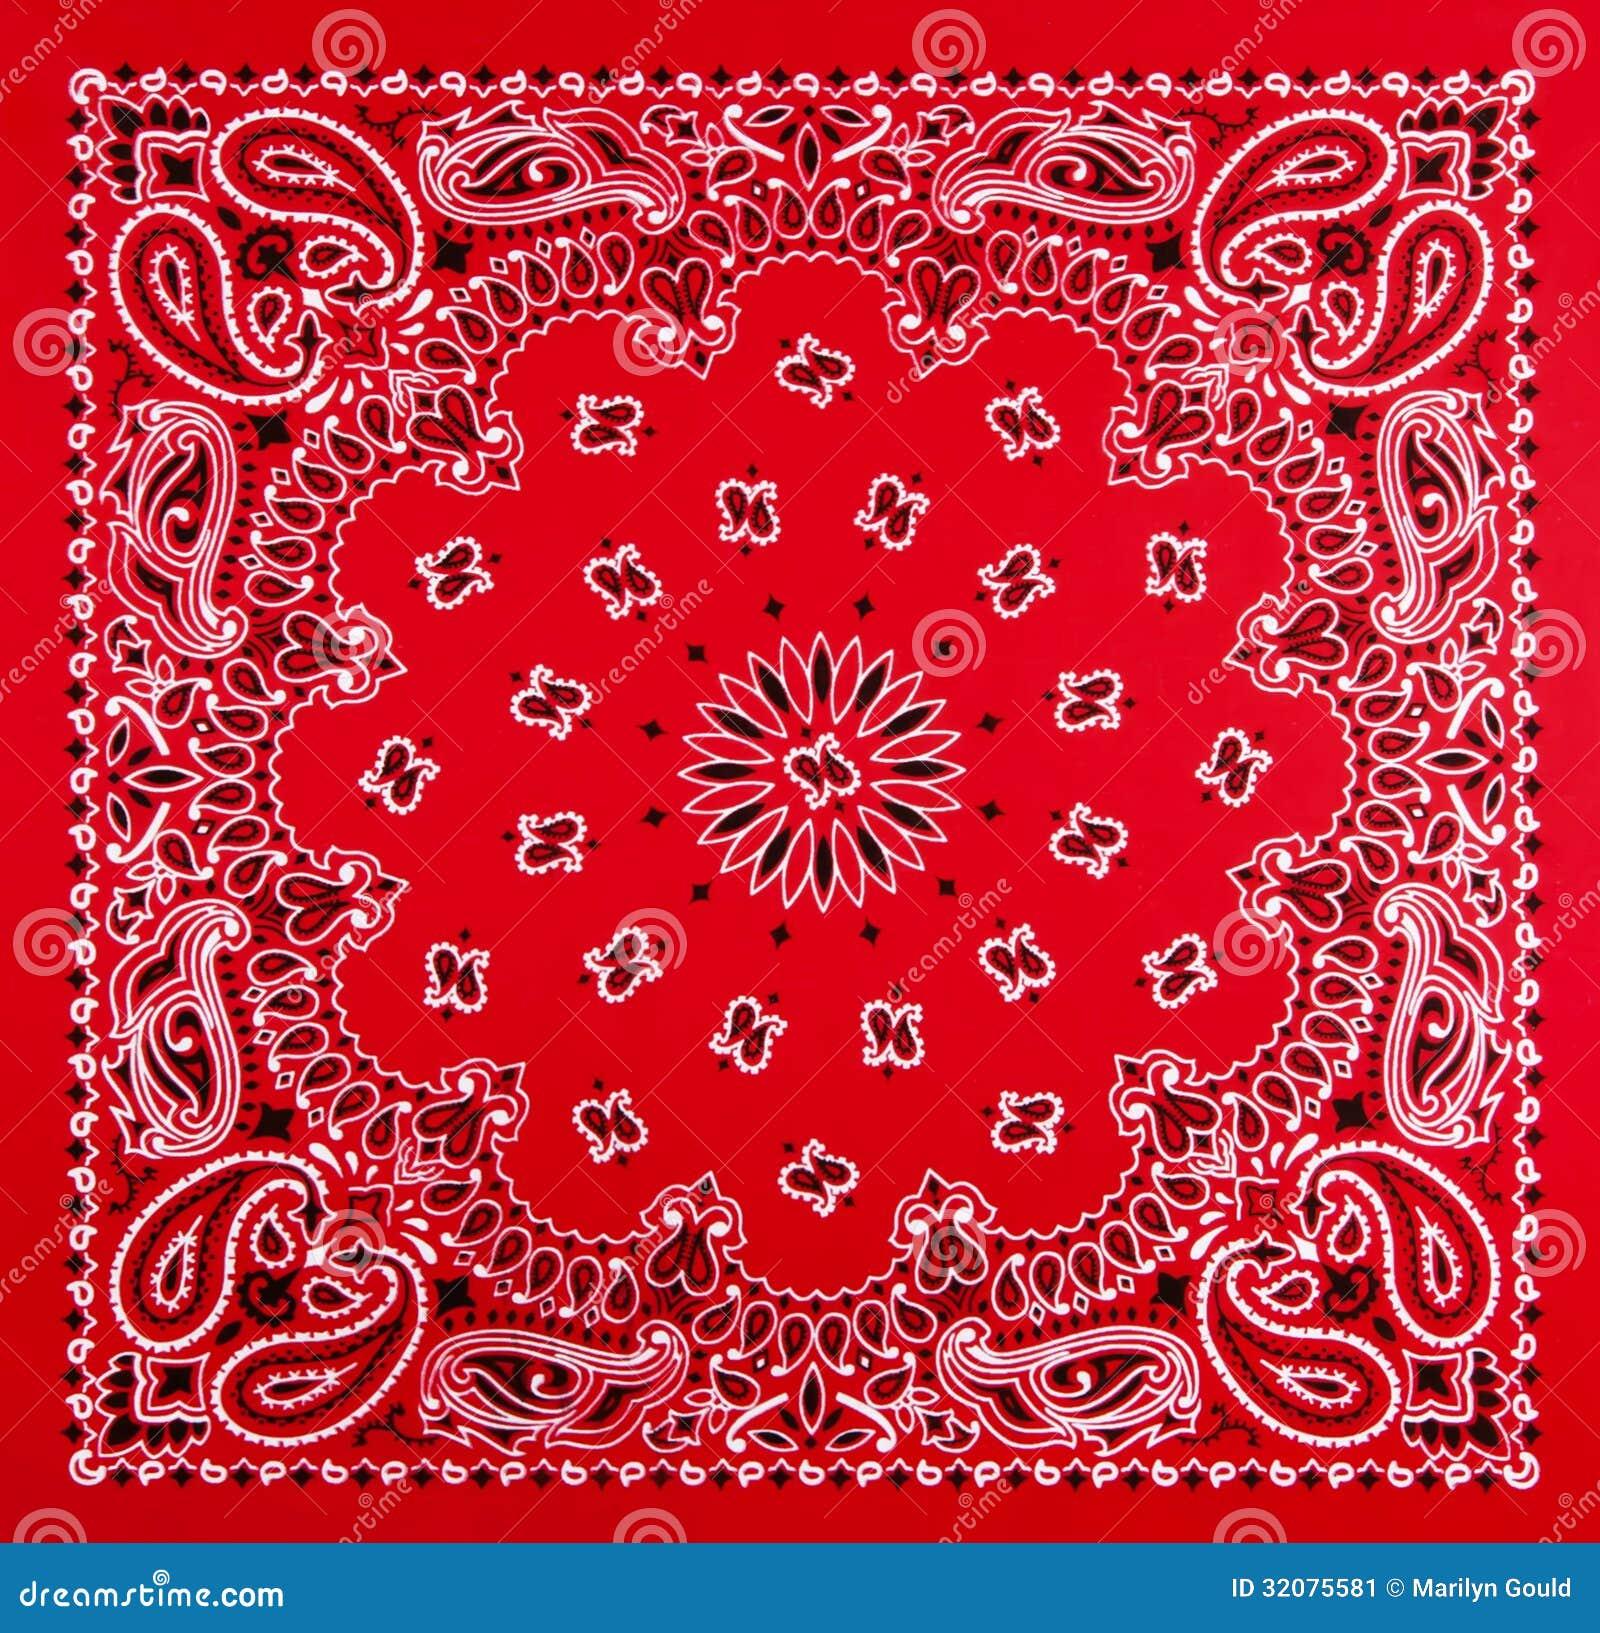 1292c897 Impresión roja del pañuelo imagen de archivo. Imagen de gould - 32075581